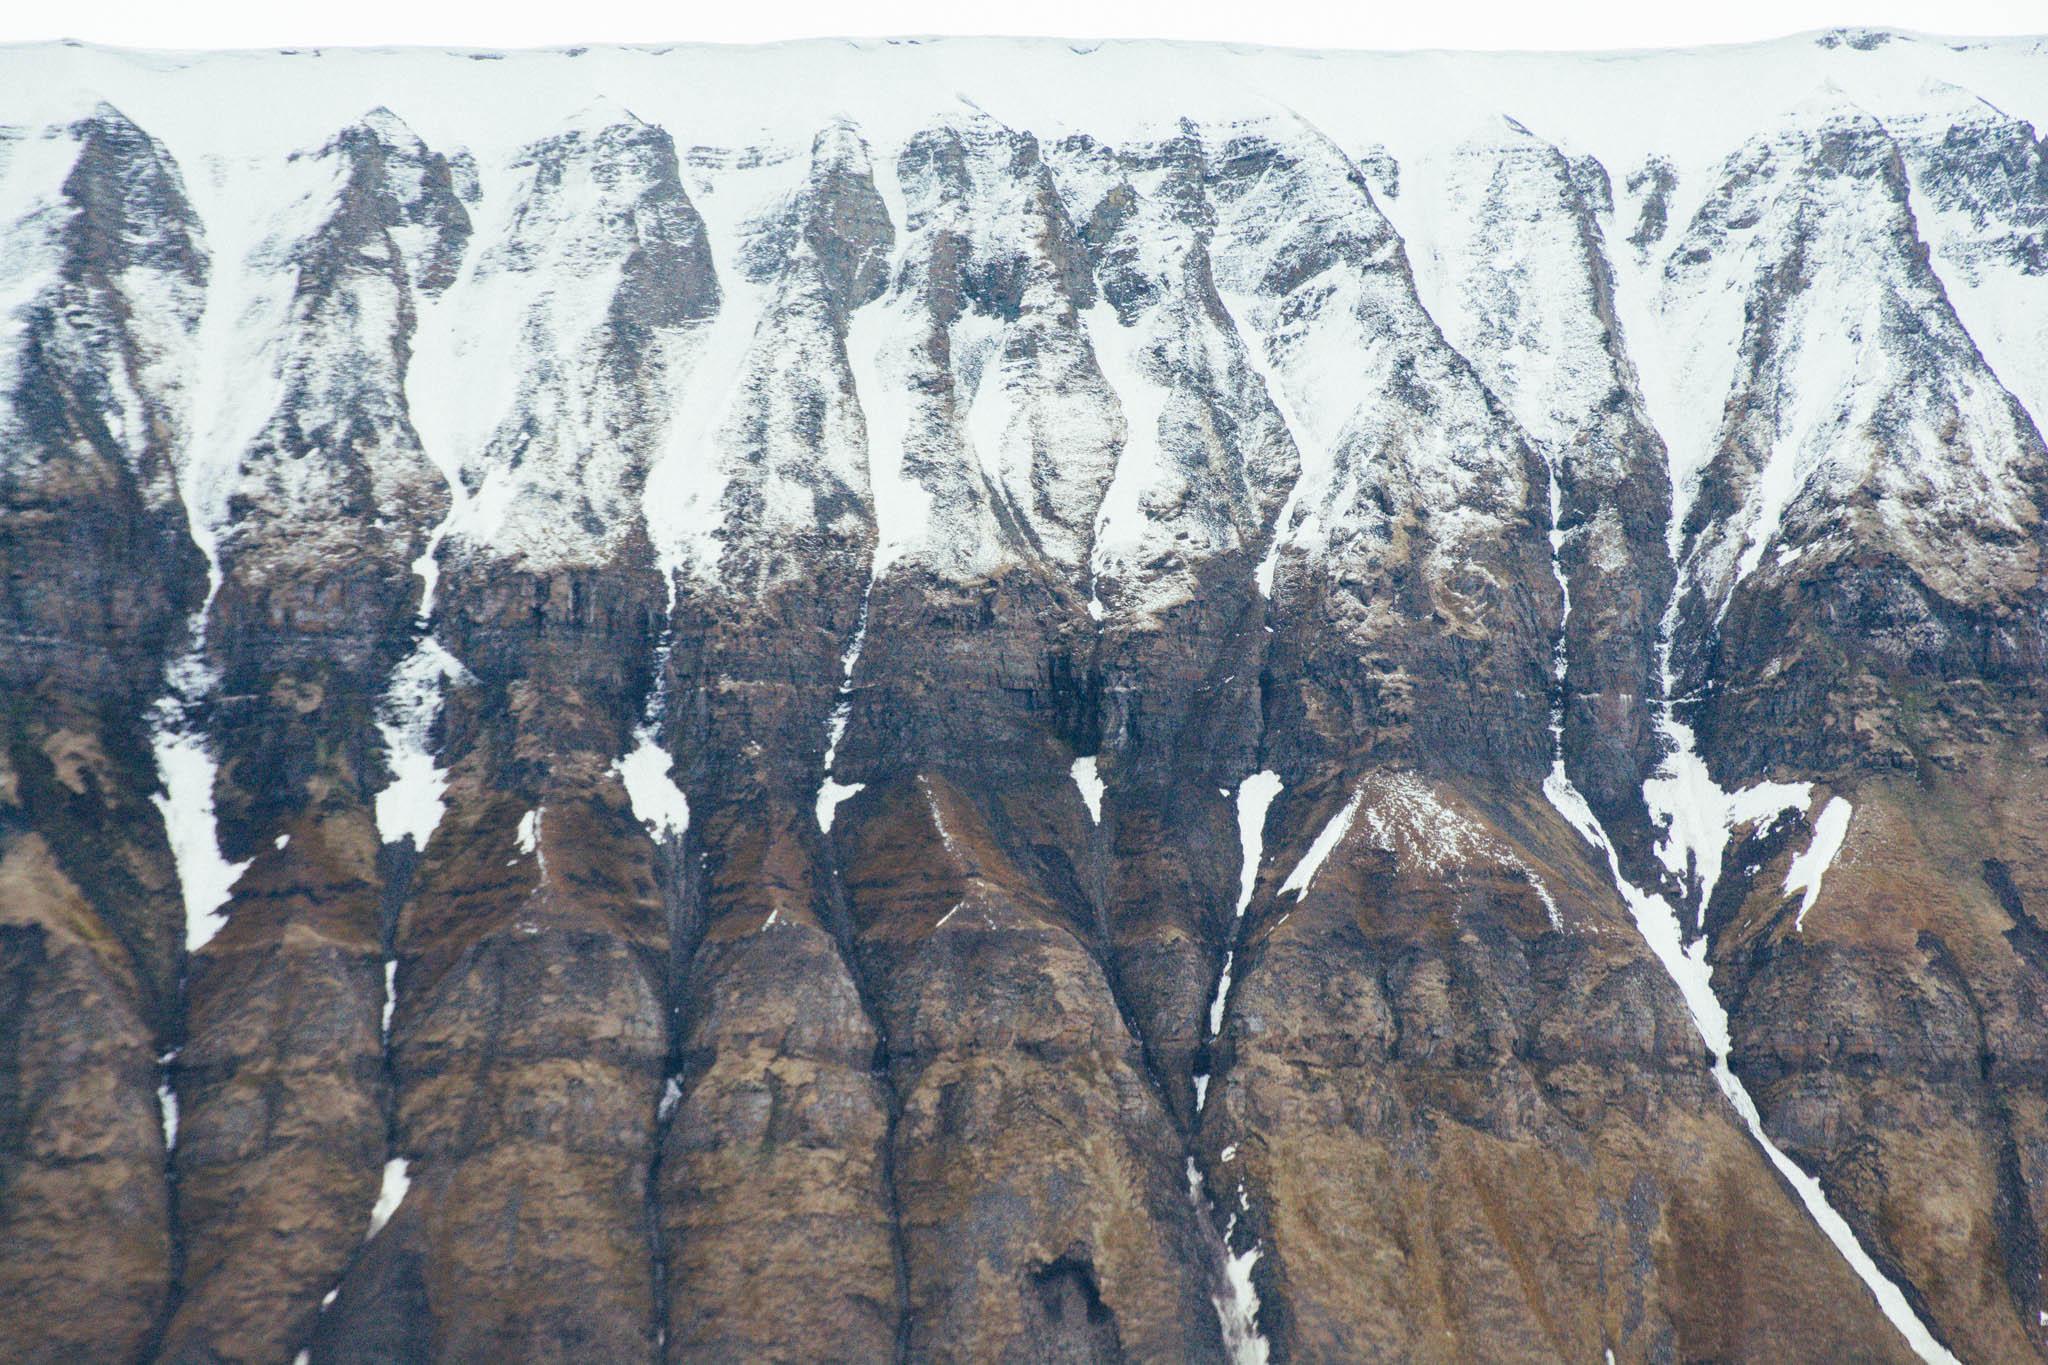 Svalbard_2018_Pukka_Perri_Rothenberg-4.jpg